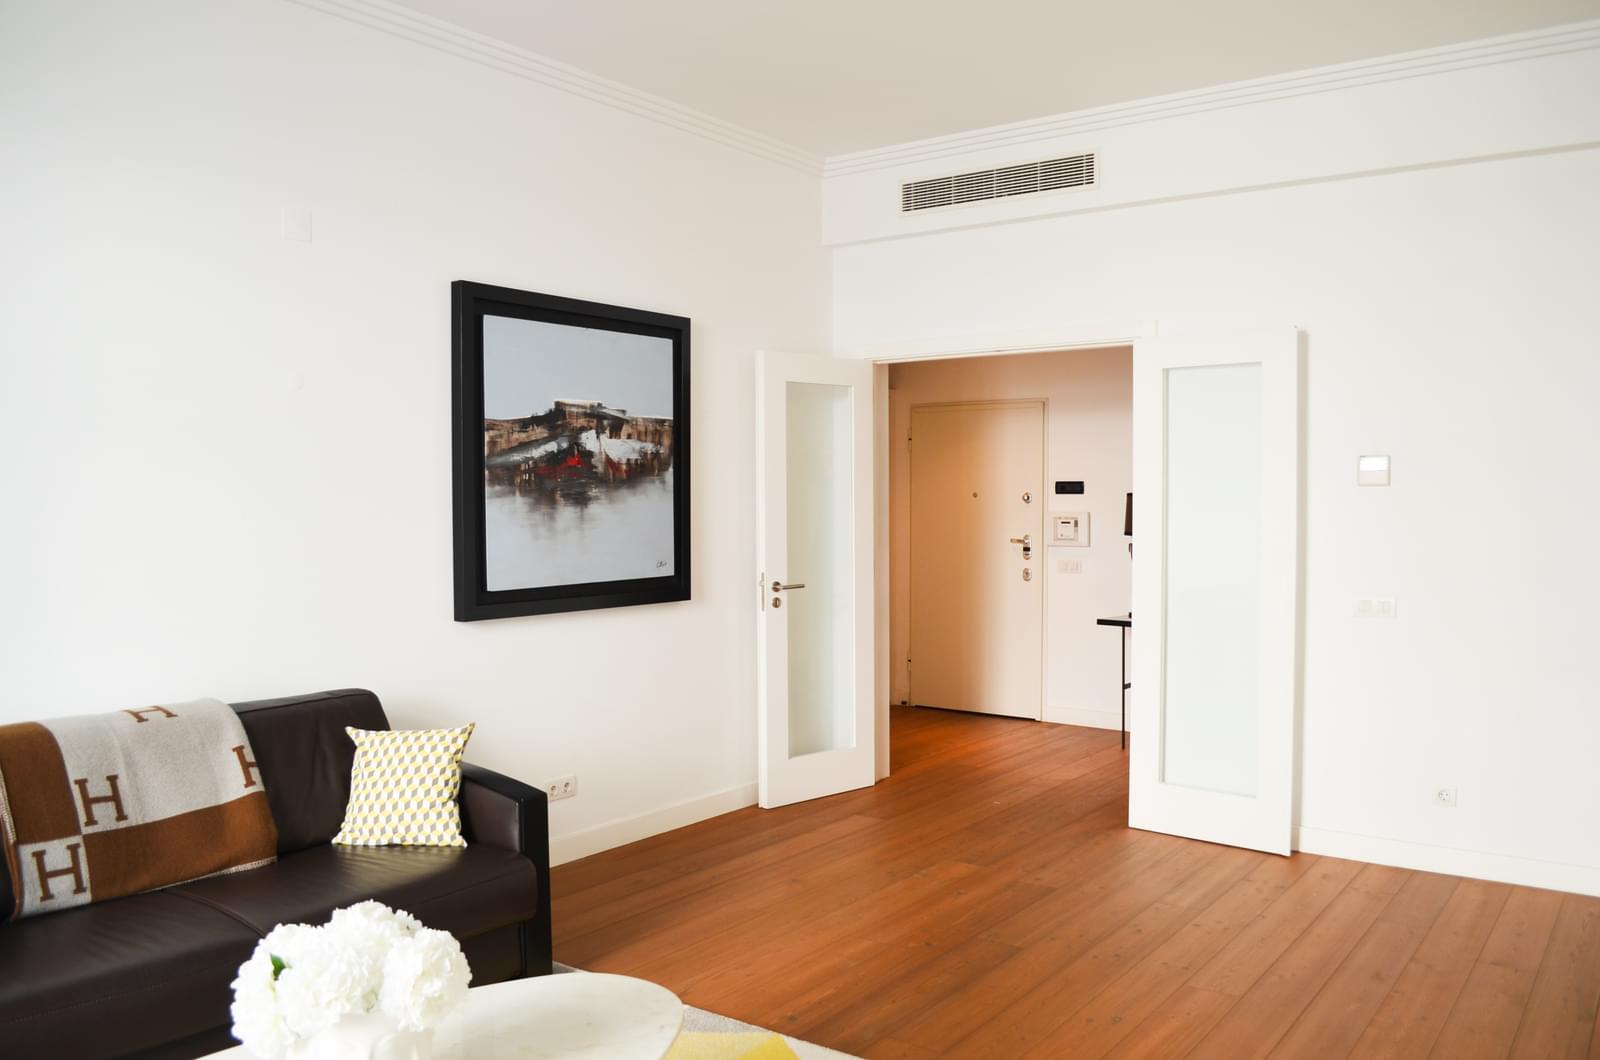 pf18712-apartamento-t2-lisboa-09707369-e231-4e07-a9b8-f21e7862e74b